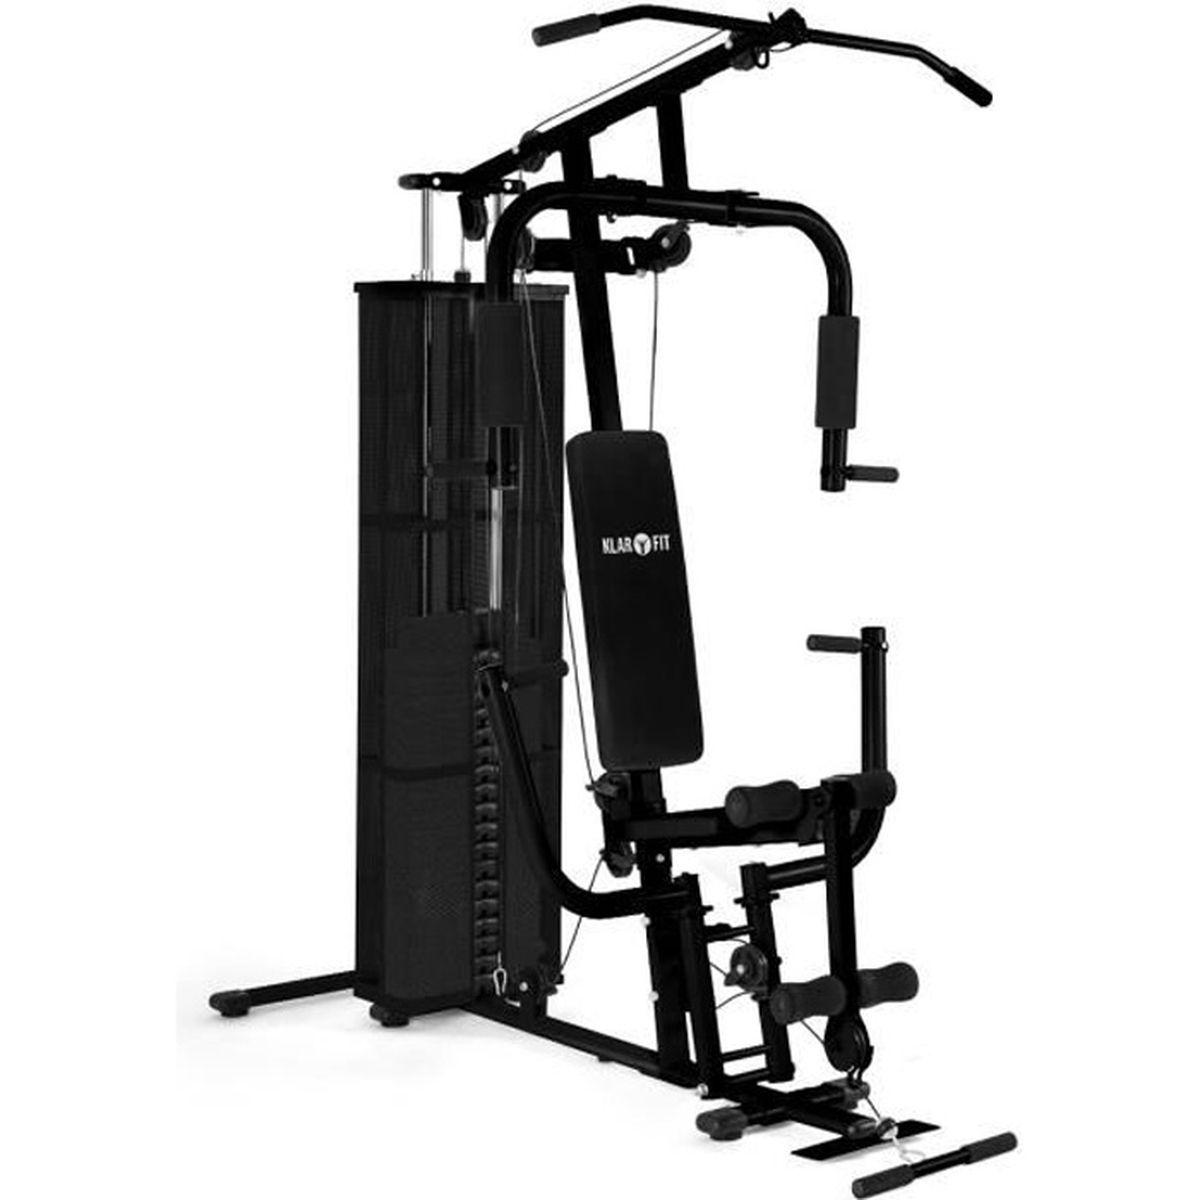 Station de musculation achat vente pas cher les soldes sur cdiscount - Station de musculation pas cher ...